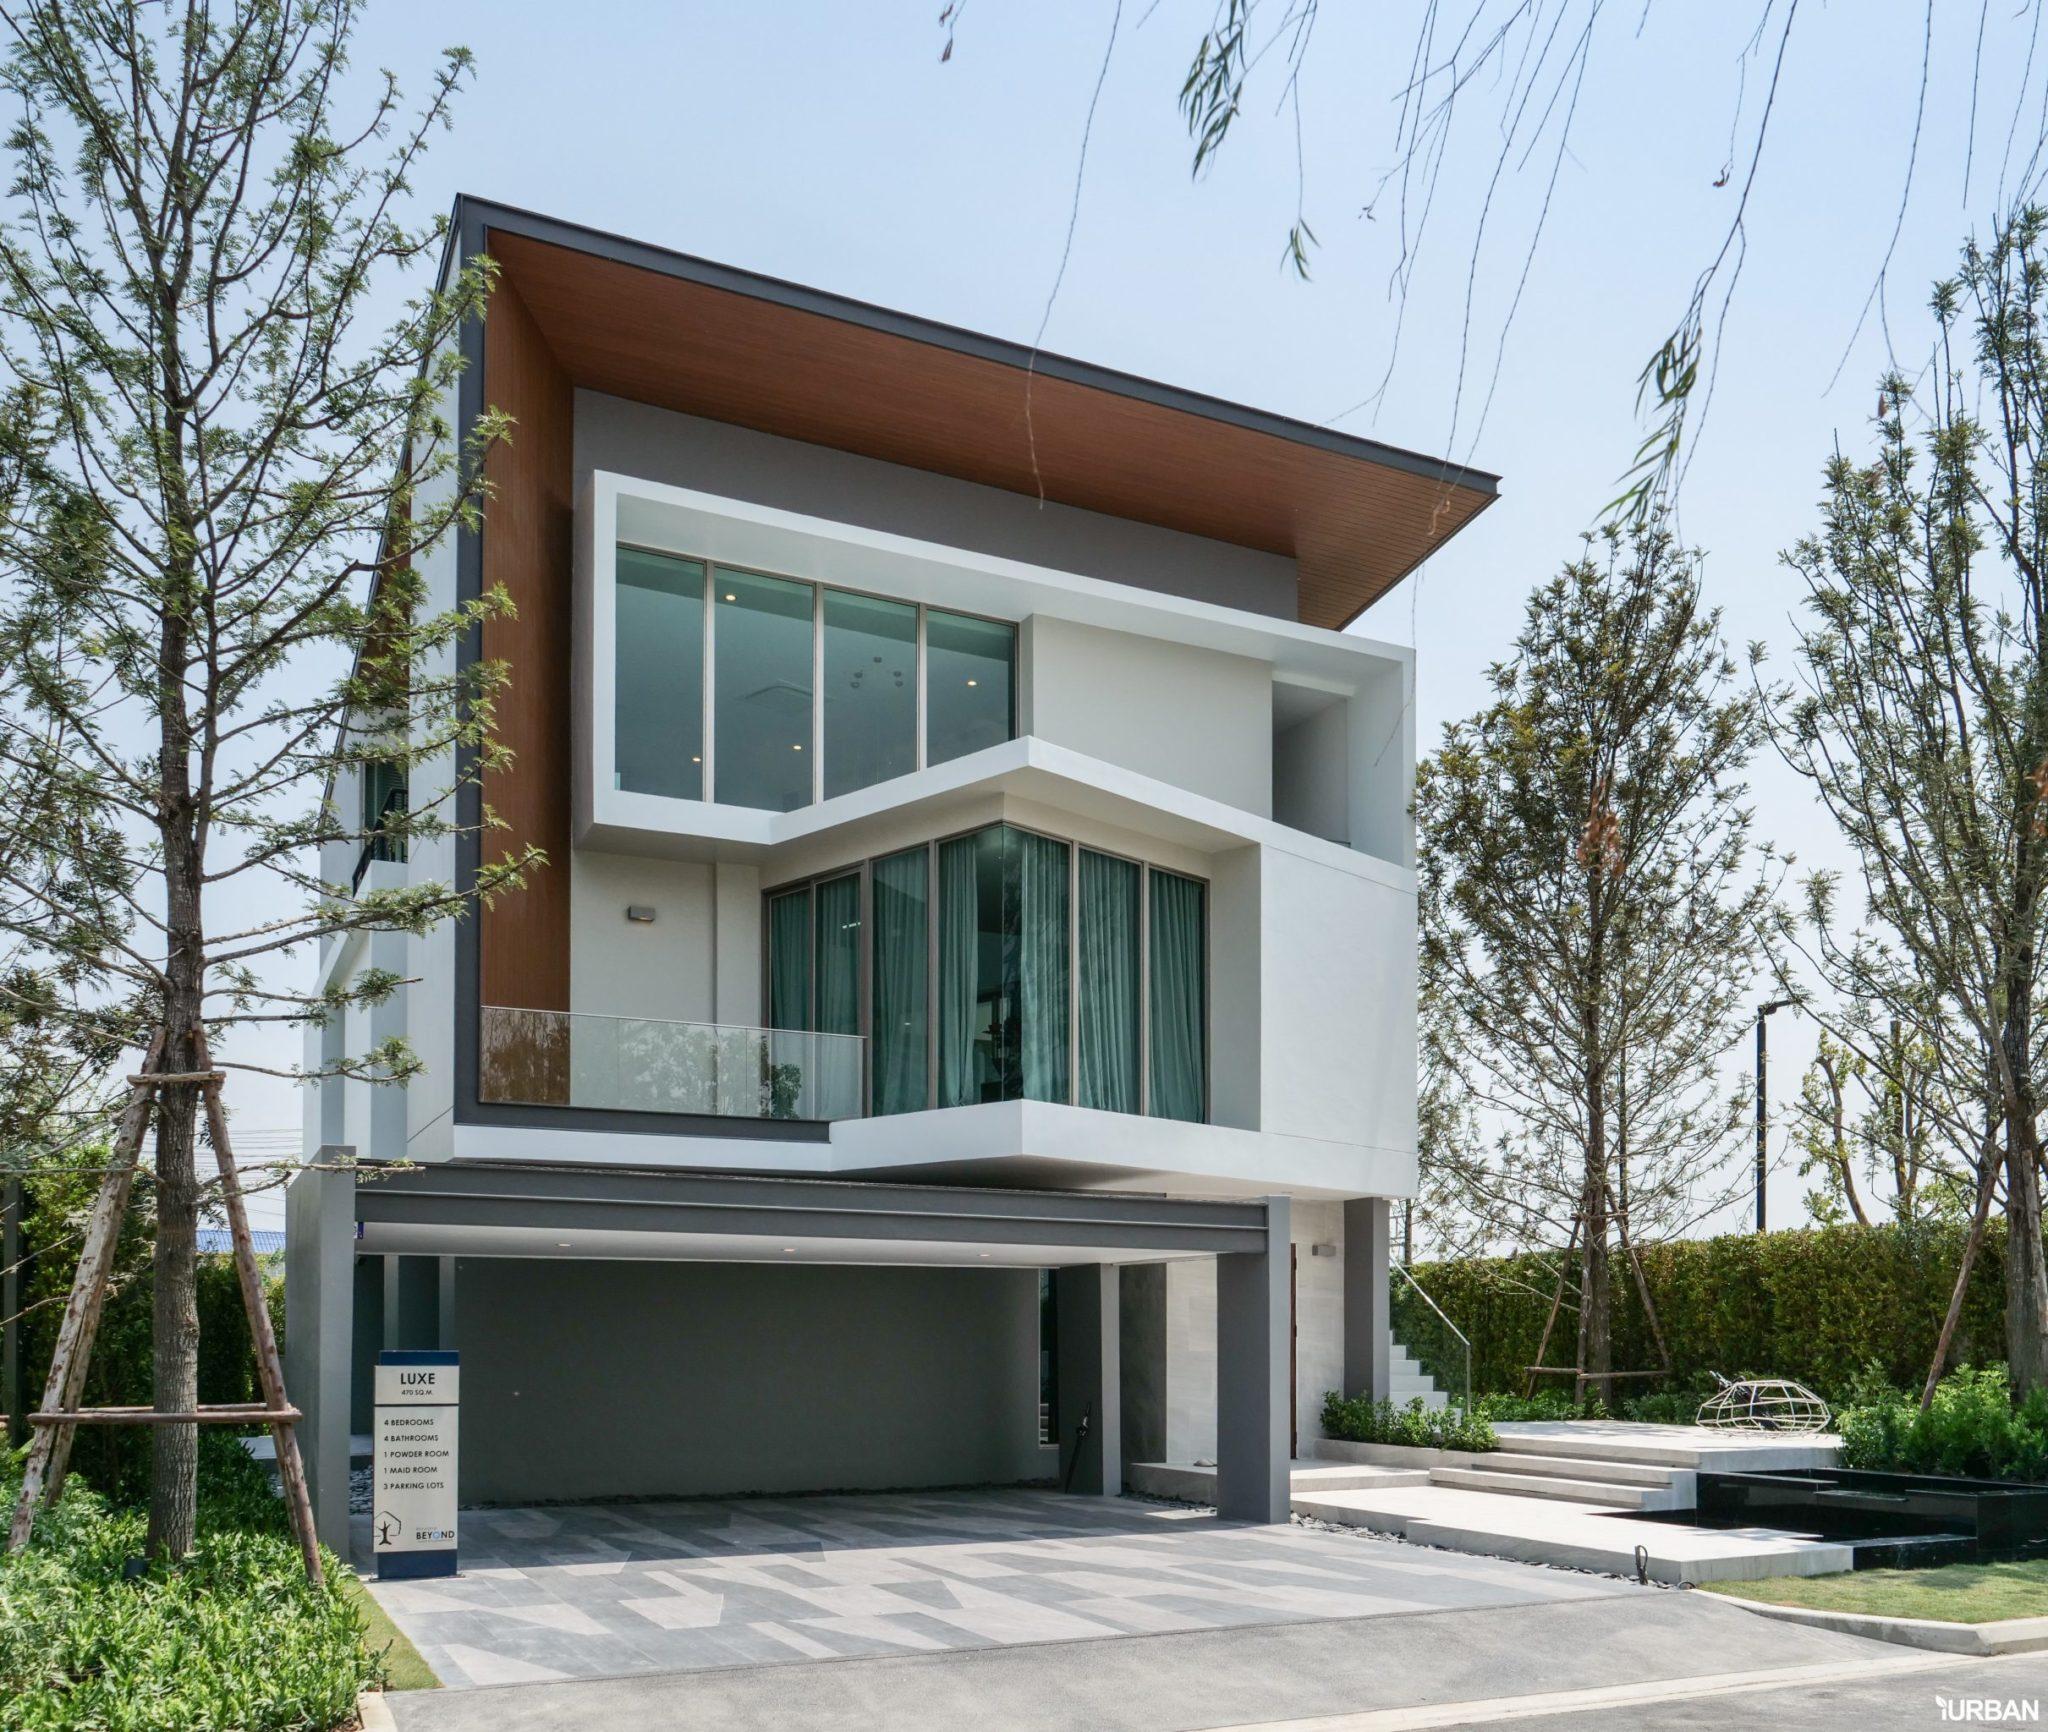 """""""เนอวานา ไดอิ"""" ปฏิวัติรูปแบบการอยู่อาศัย พร้อมเปิดโครงการ """"เนอวานา บียอนด์ พระราม 9-กรุงเทพกรีฑา"""" บ้านต้นแบบแนวคิดใหม่ 13 -"""